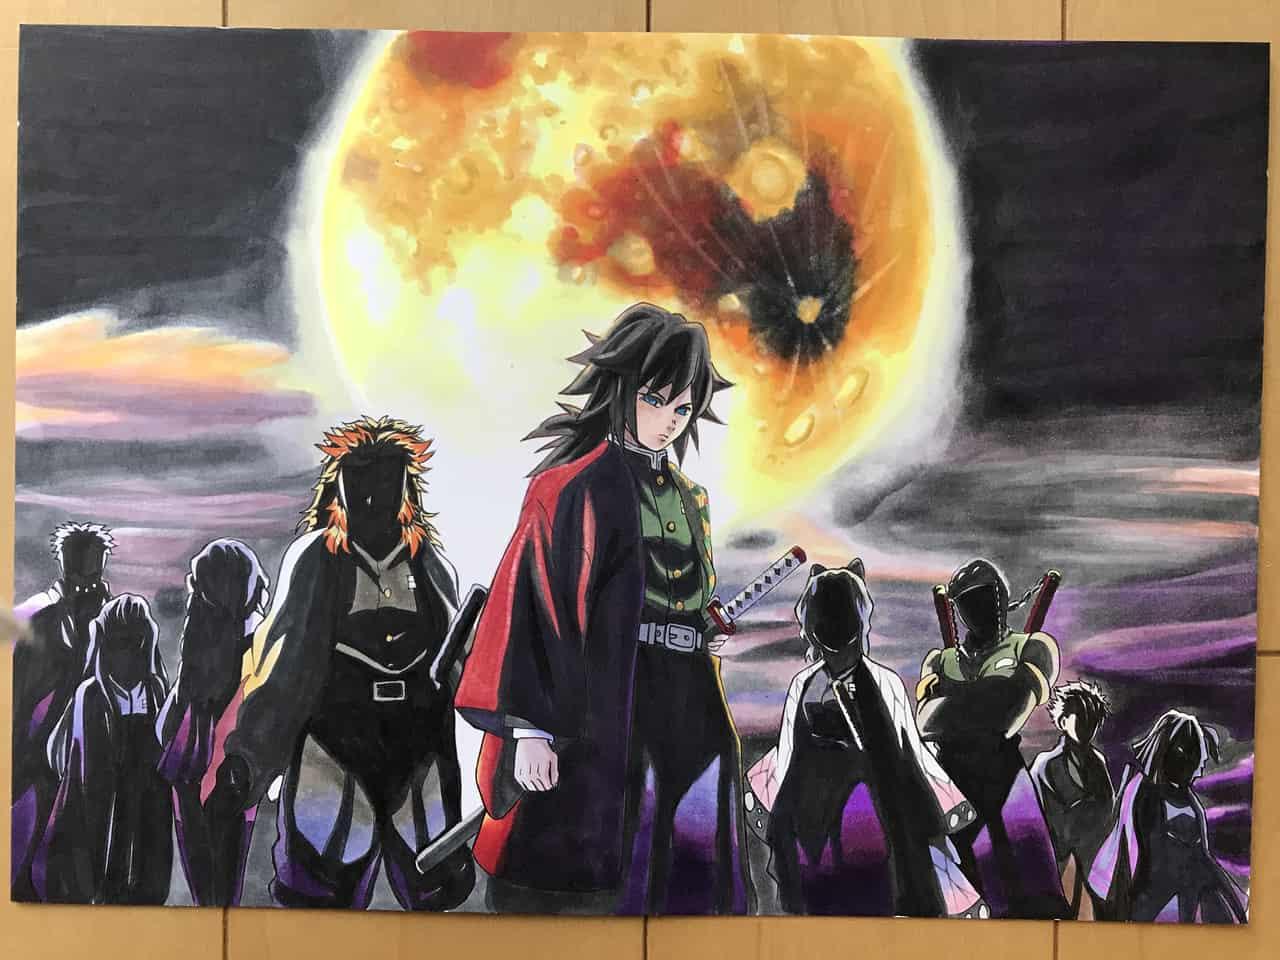 最強の柱 Illust of さをり DemonSlayerFanartContest contest fanart 柱 KimetsunoYaiba illustration TomiokaGiyuu